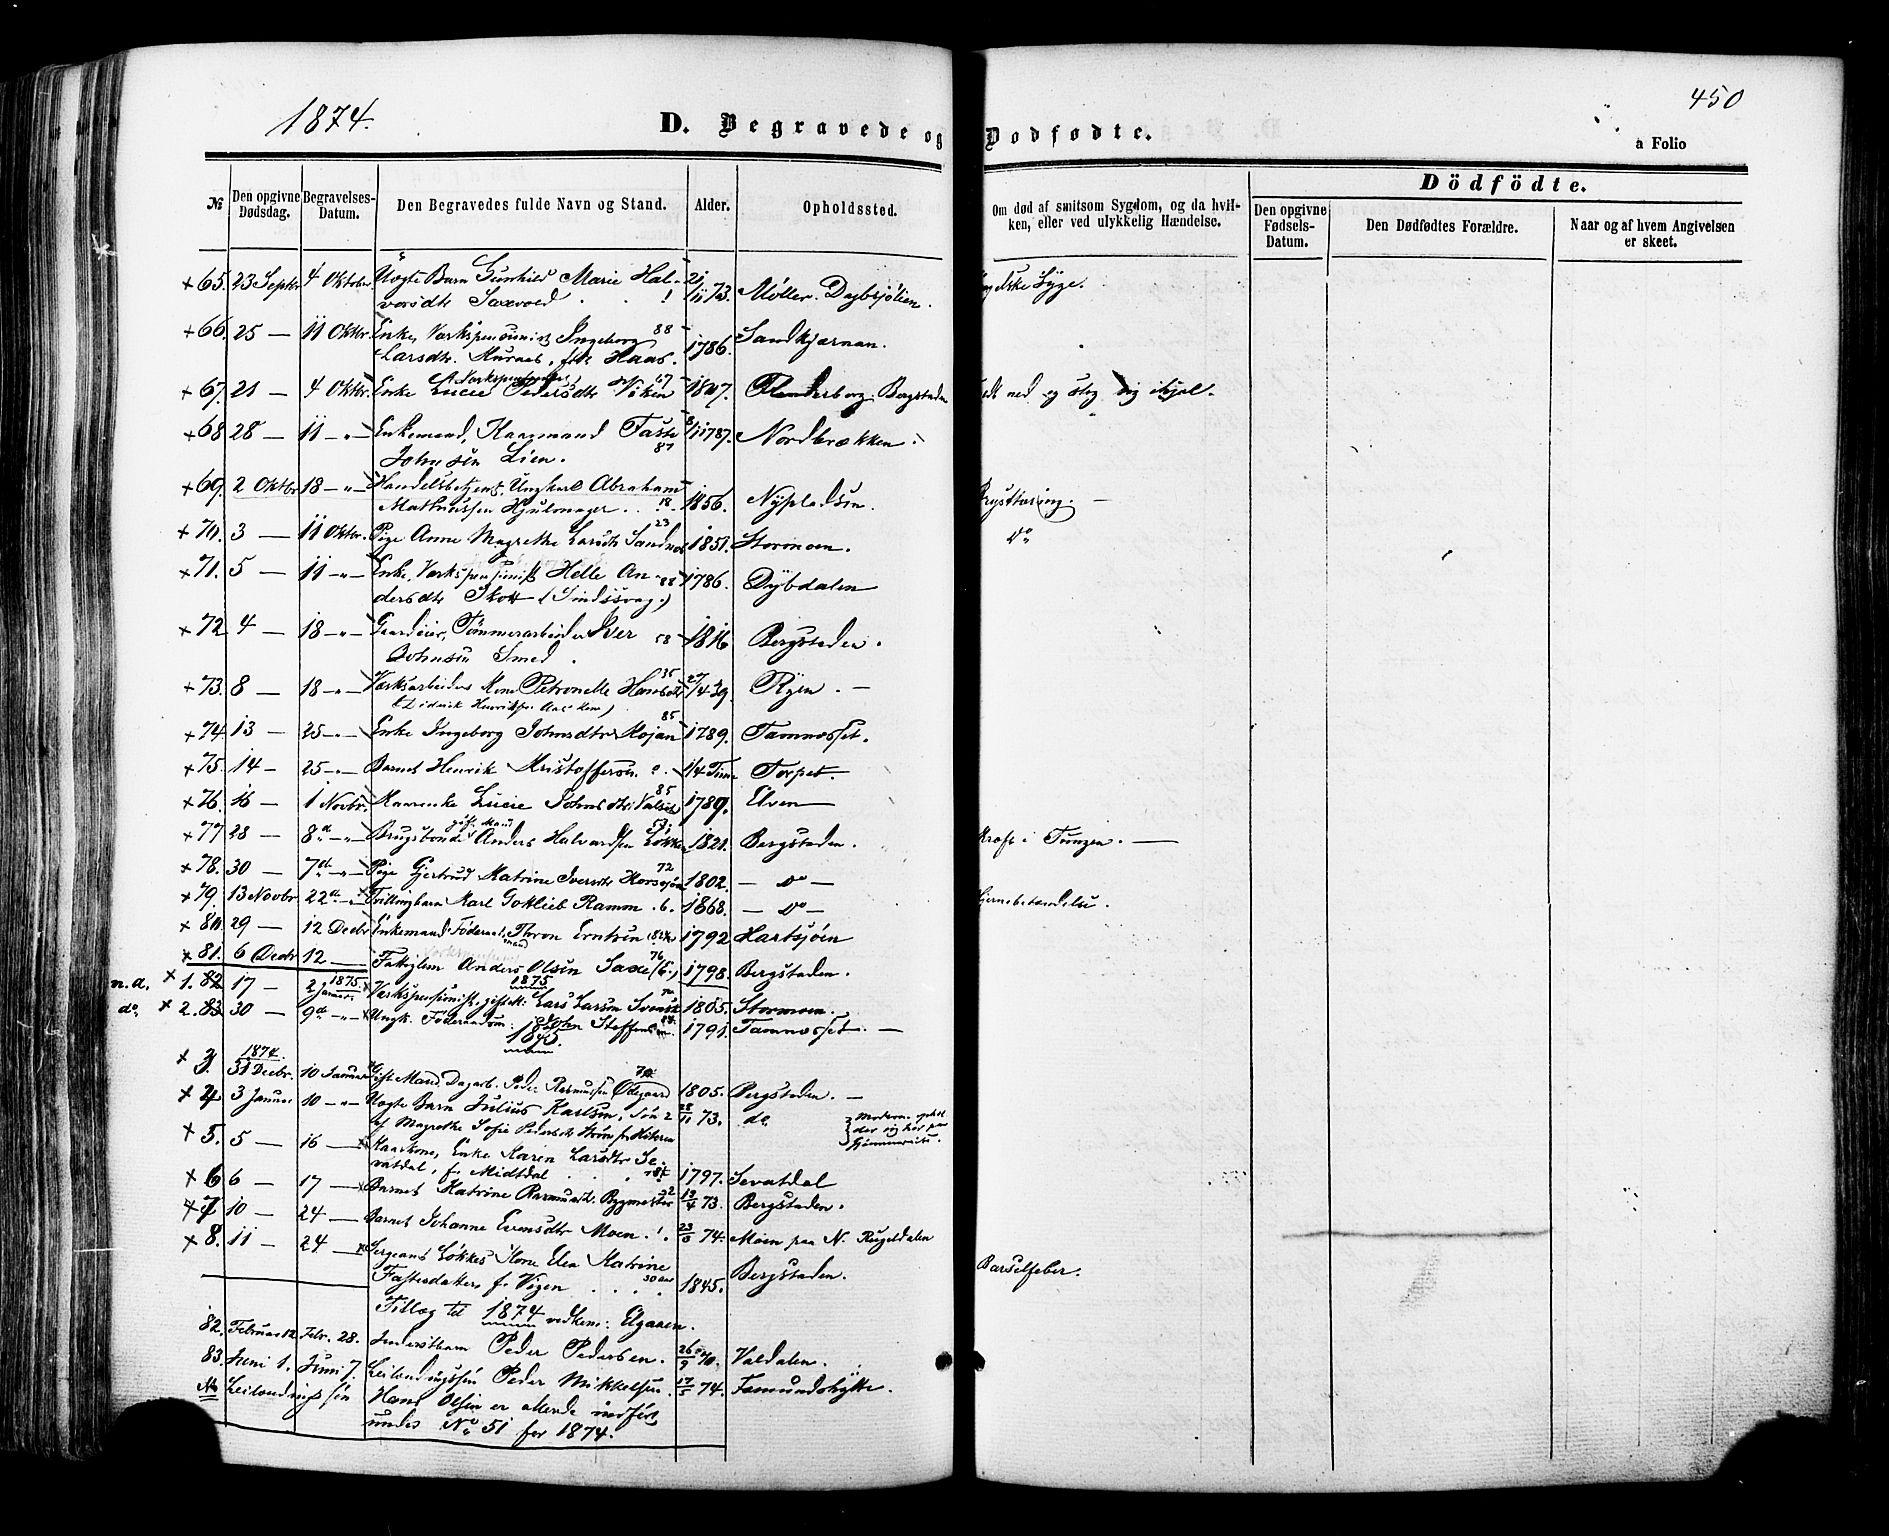 SAT, Ministerialprotokoller, klokkerbøker og fødselsregistre - Sør-Trøndelag, 681/L0932: Ministerialbok nr. 681A10, 1860-1878, s. 450